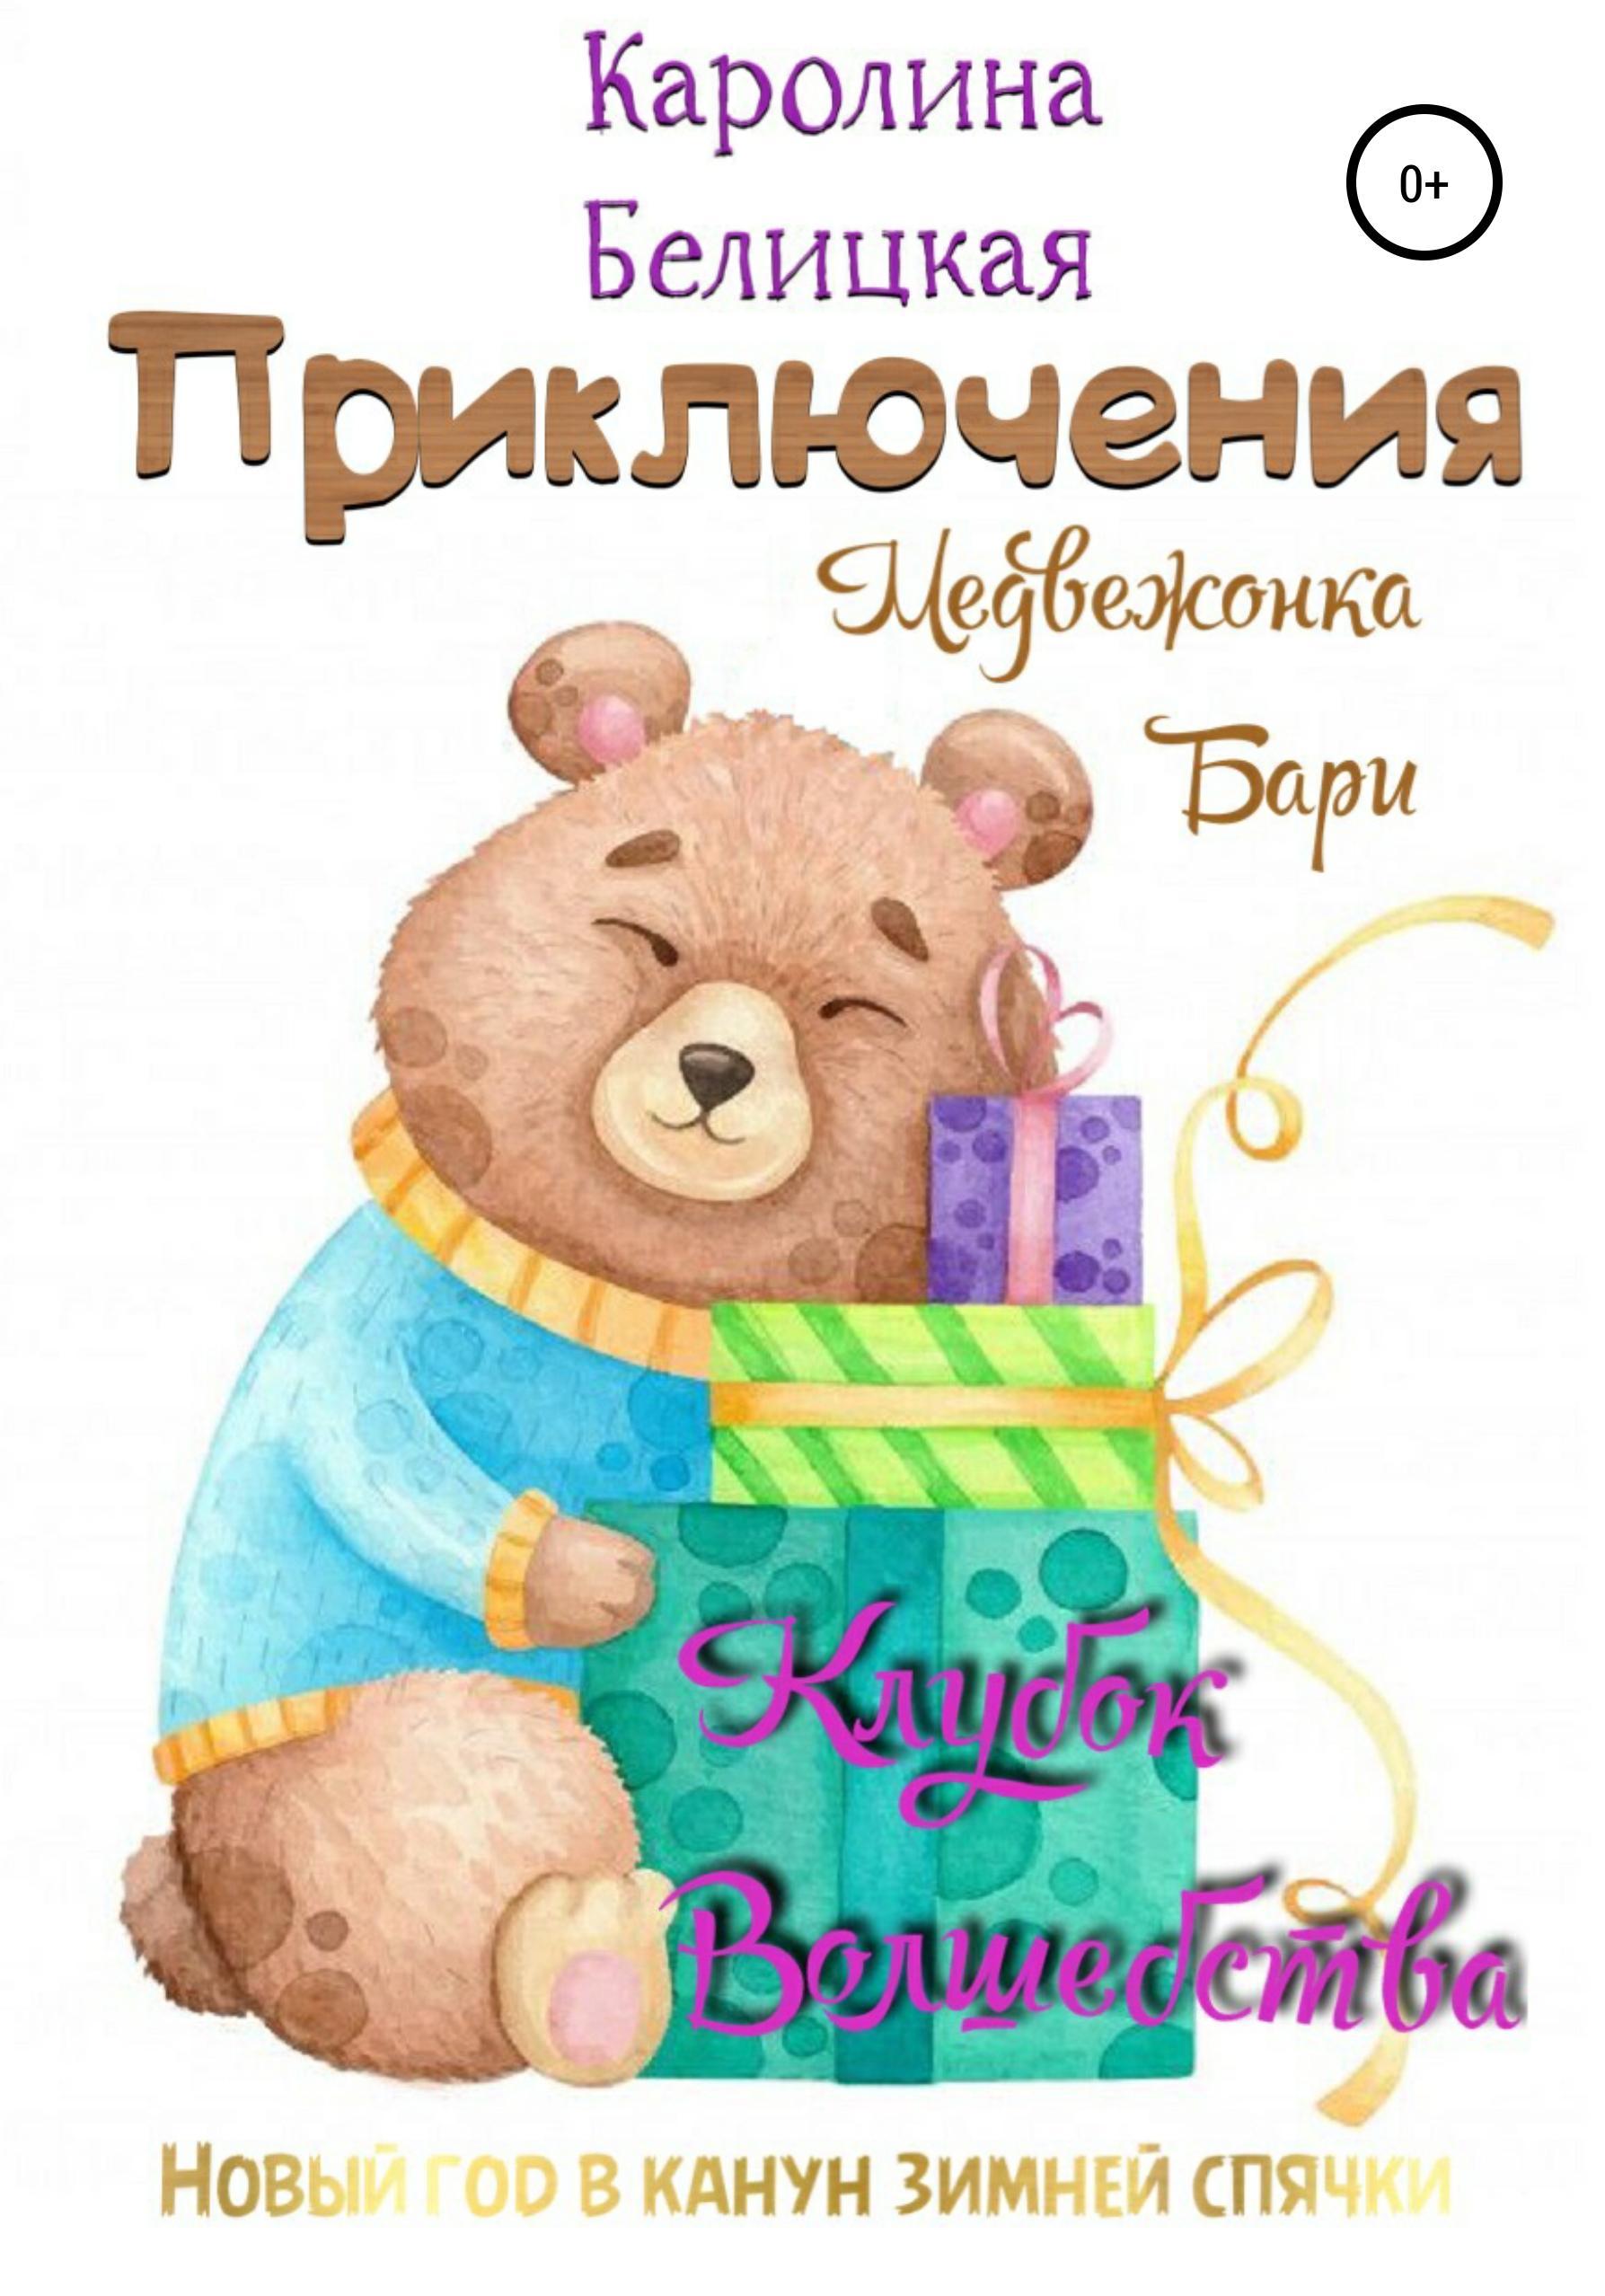 Купить книгу Приключения медвежонка Бари, автора Каролины Белицкой